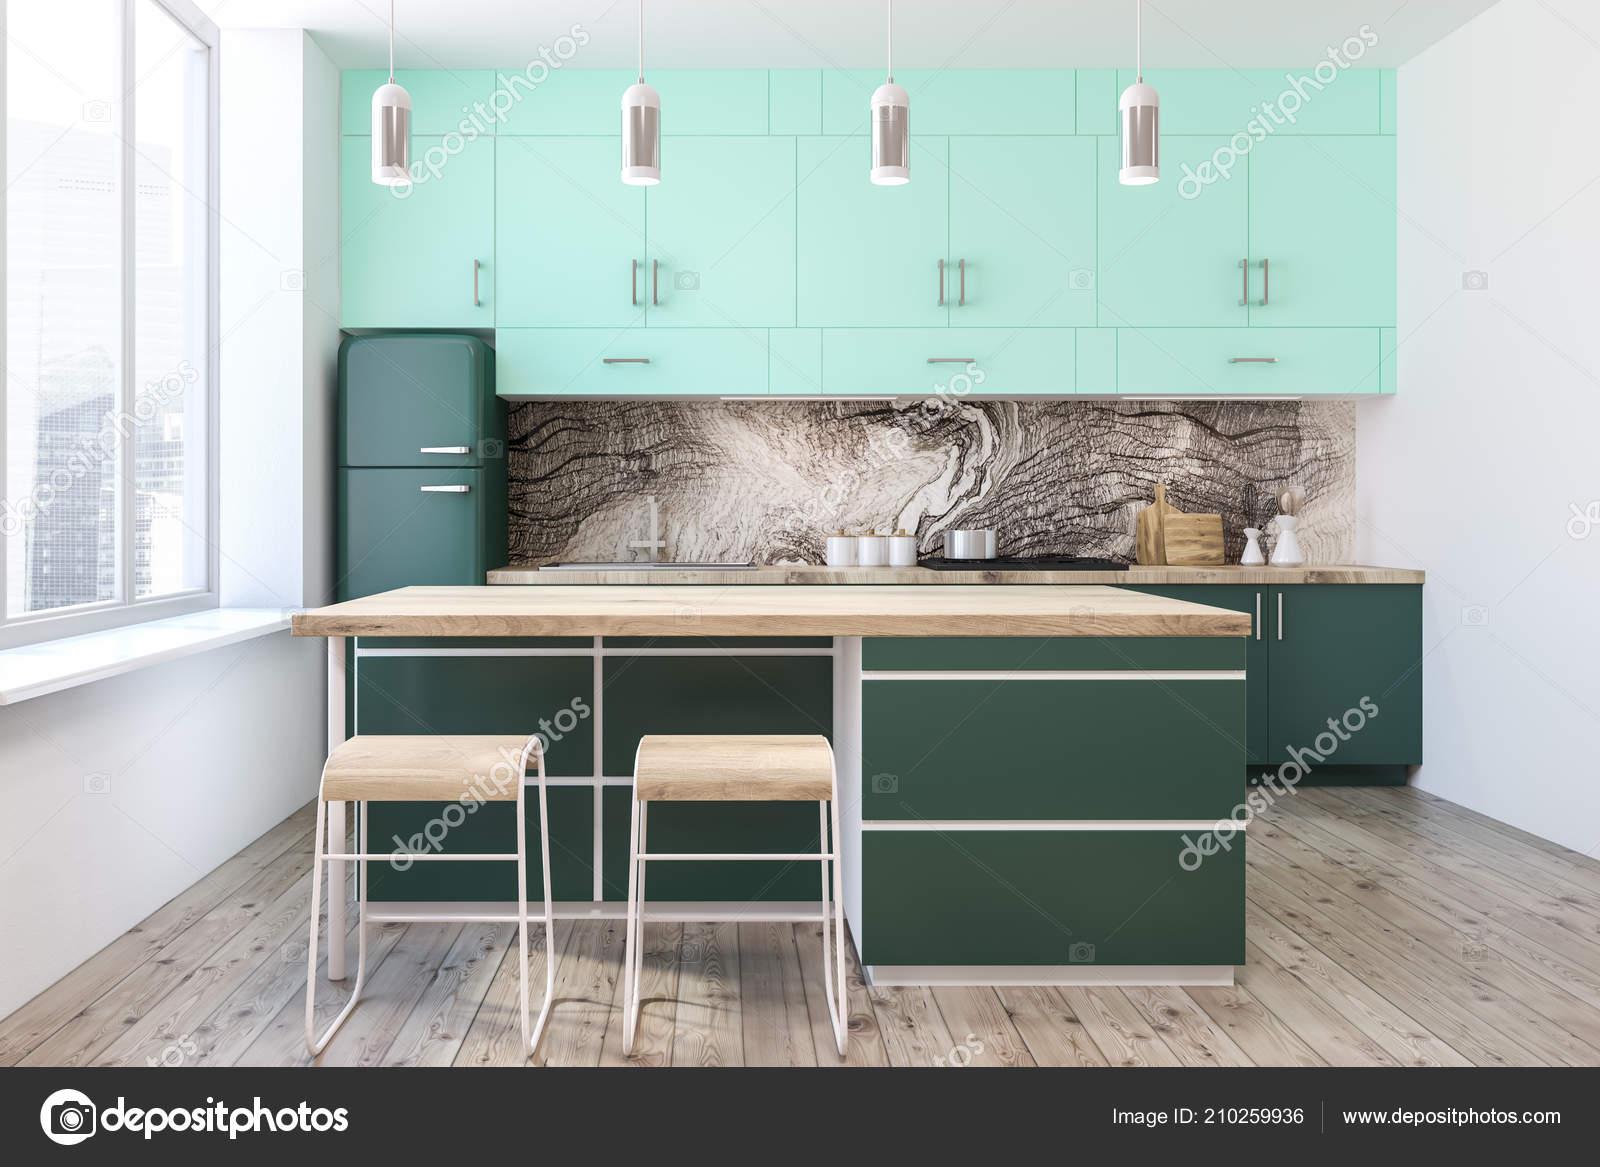 Holzfußboden Weiß ~ Weiß und marmor wand küche interieur mit einem holzfußboden grüne